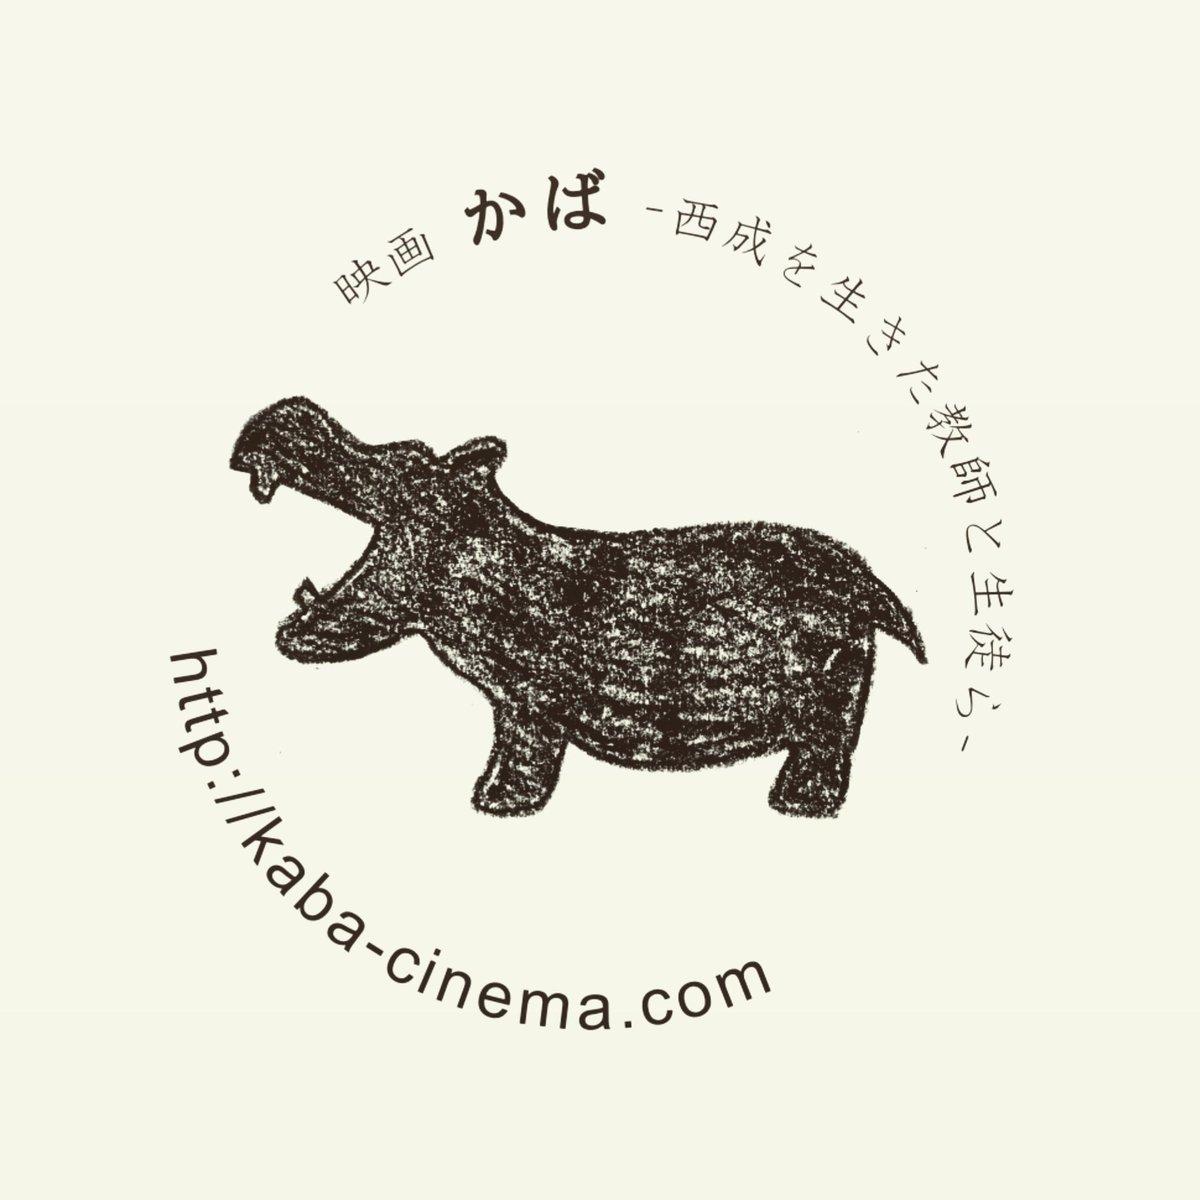 映画「かば - 西成を生きた教師と生徒ら -」 名古屋・シネマテークにて 公開決定 素直に嬉しい! #かば #騒音寺 #ノックダウンズ